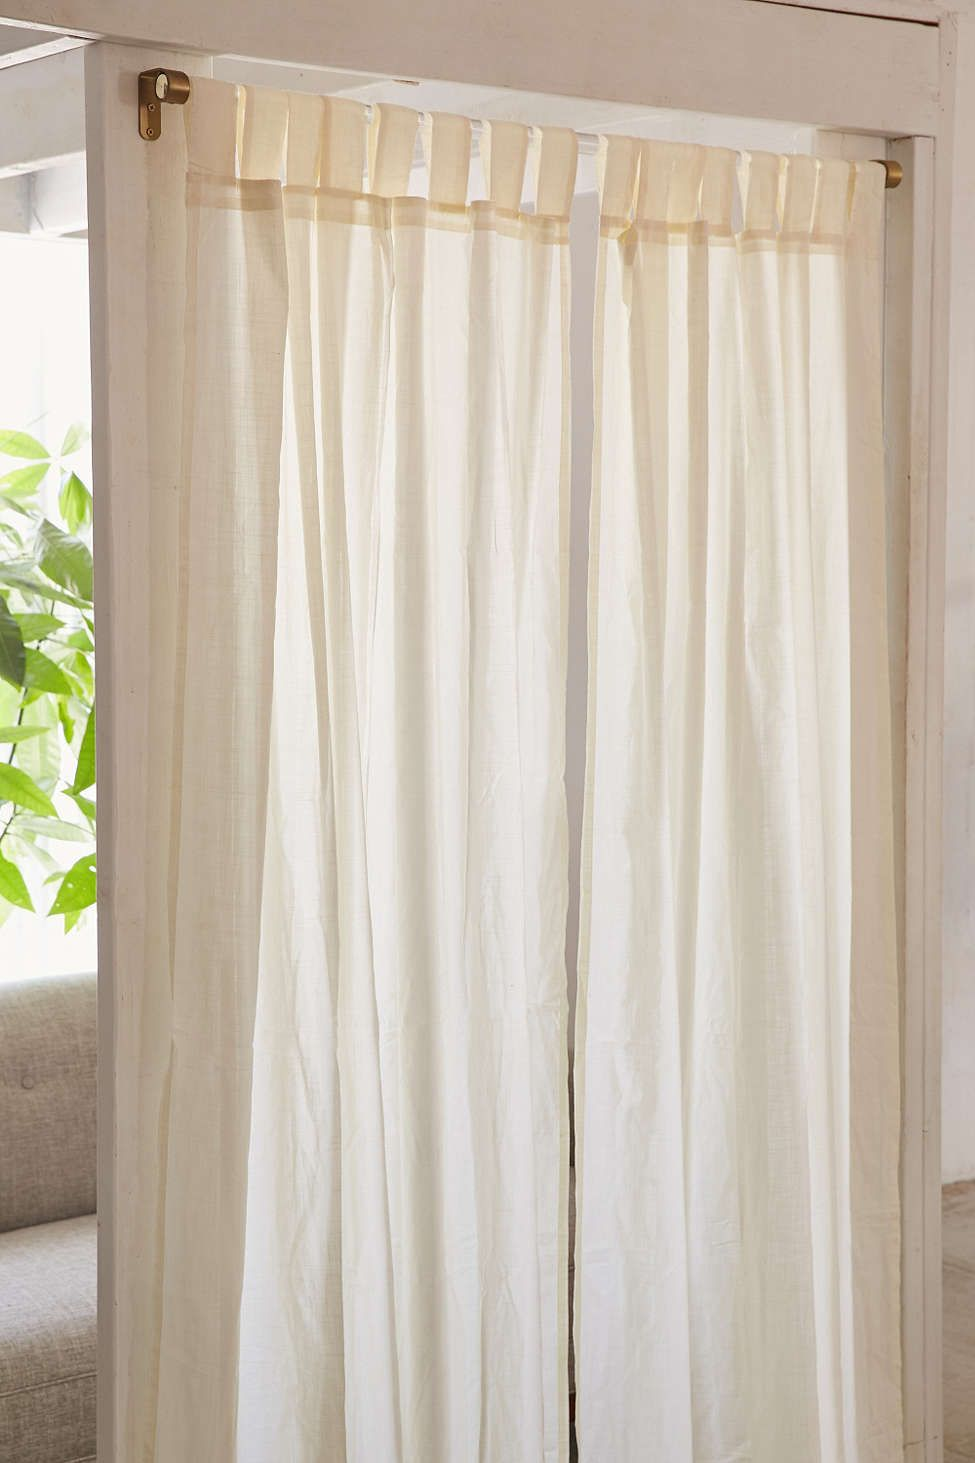 Assembly Home Acrylic Curtain Rod Acrylic Curtain Rods Modern Curtain Rods Curtain Rods